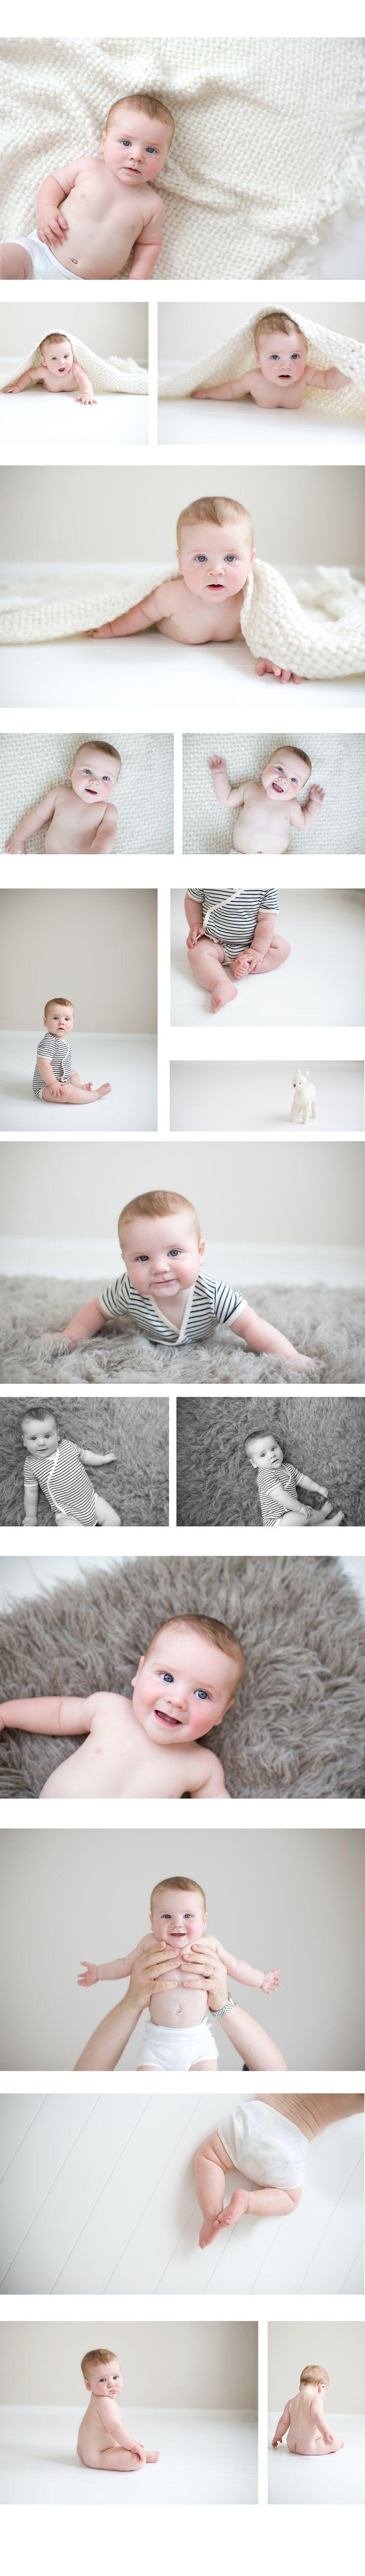 Babies | Lane Proffitt Photography - Part 4